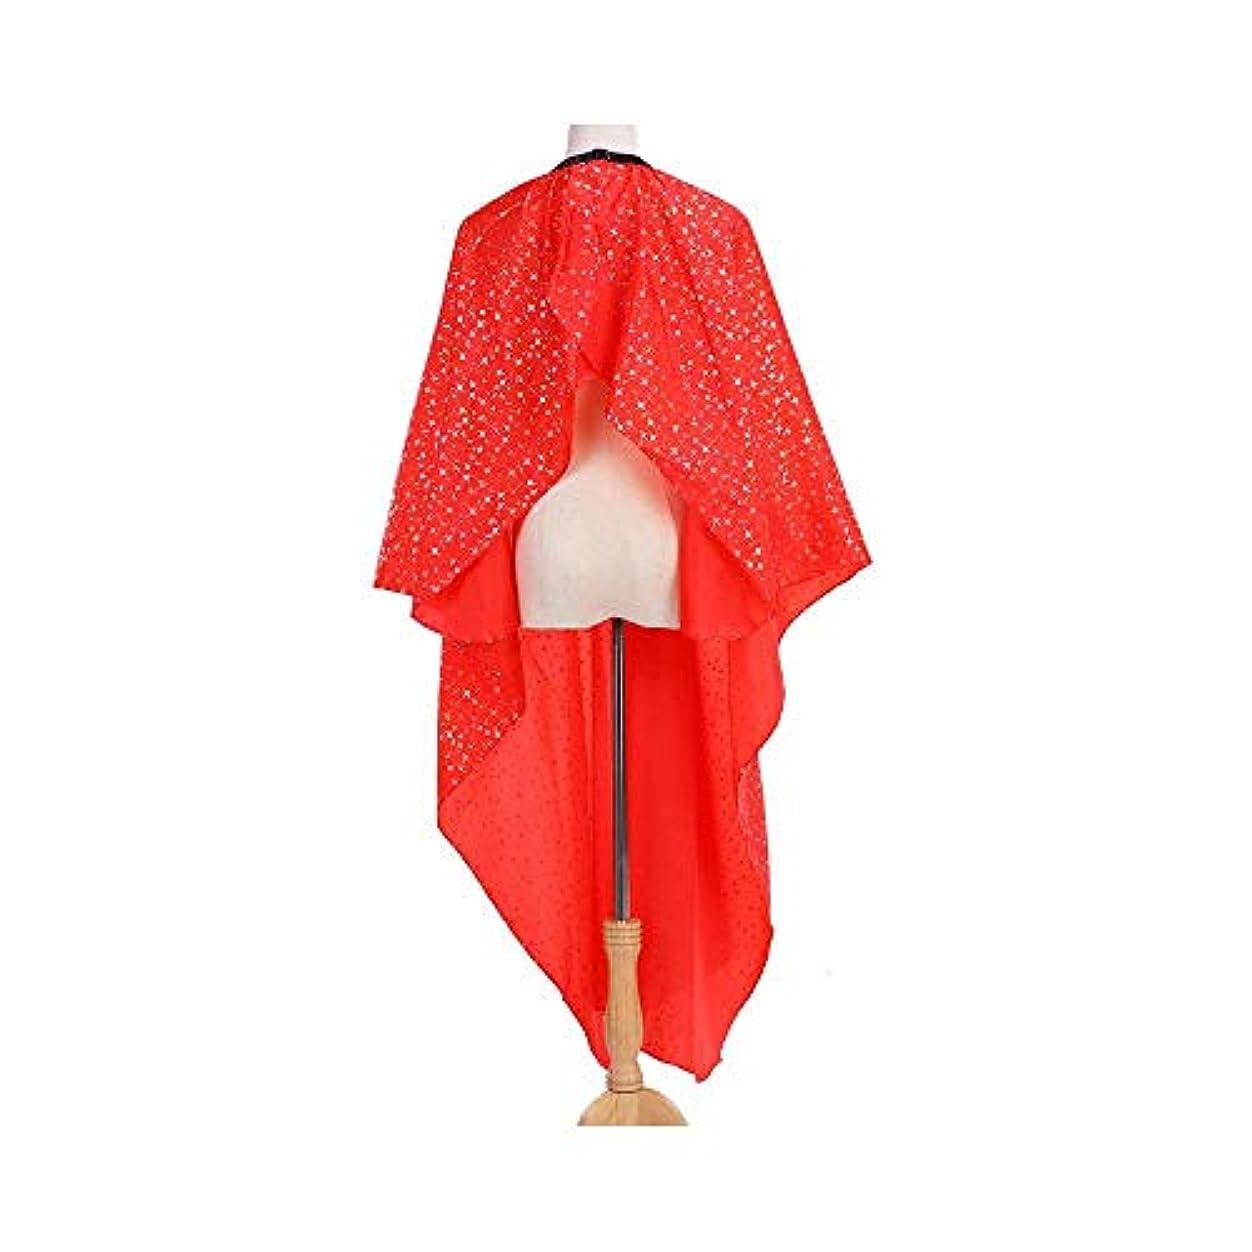 成果賢明な規範理髪エプロン長い髪カッティングガウン赤い色サロン理髪ケープ モデリングツール